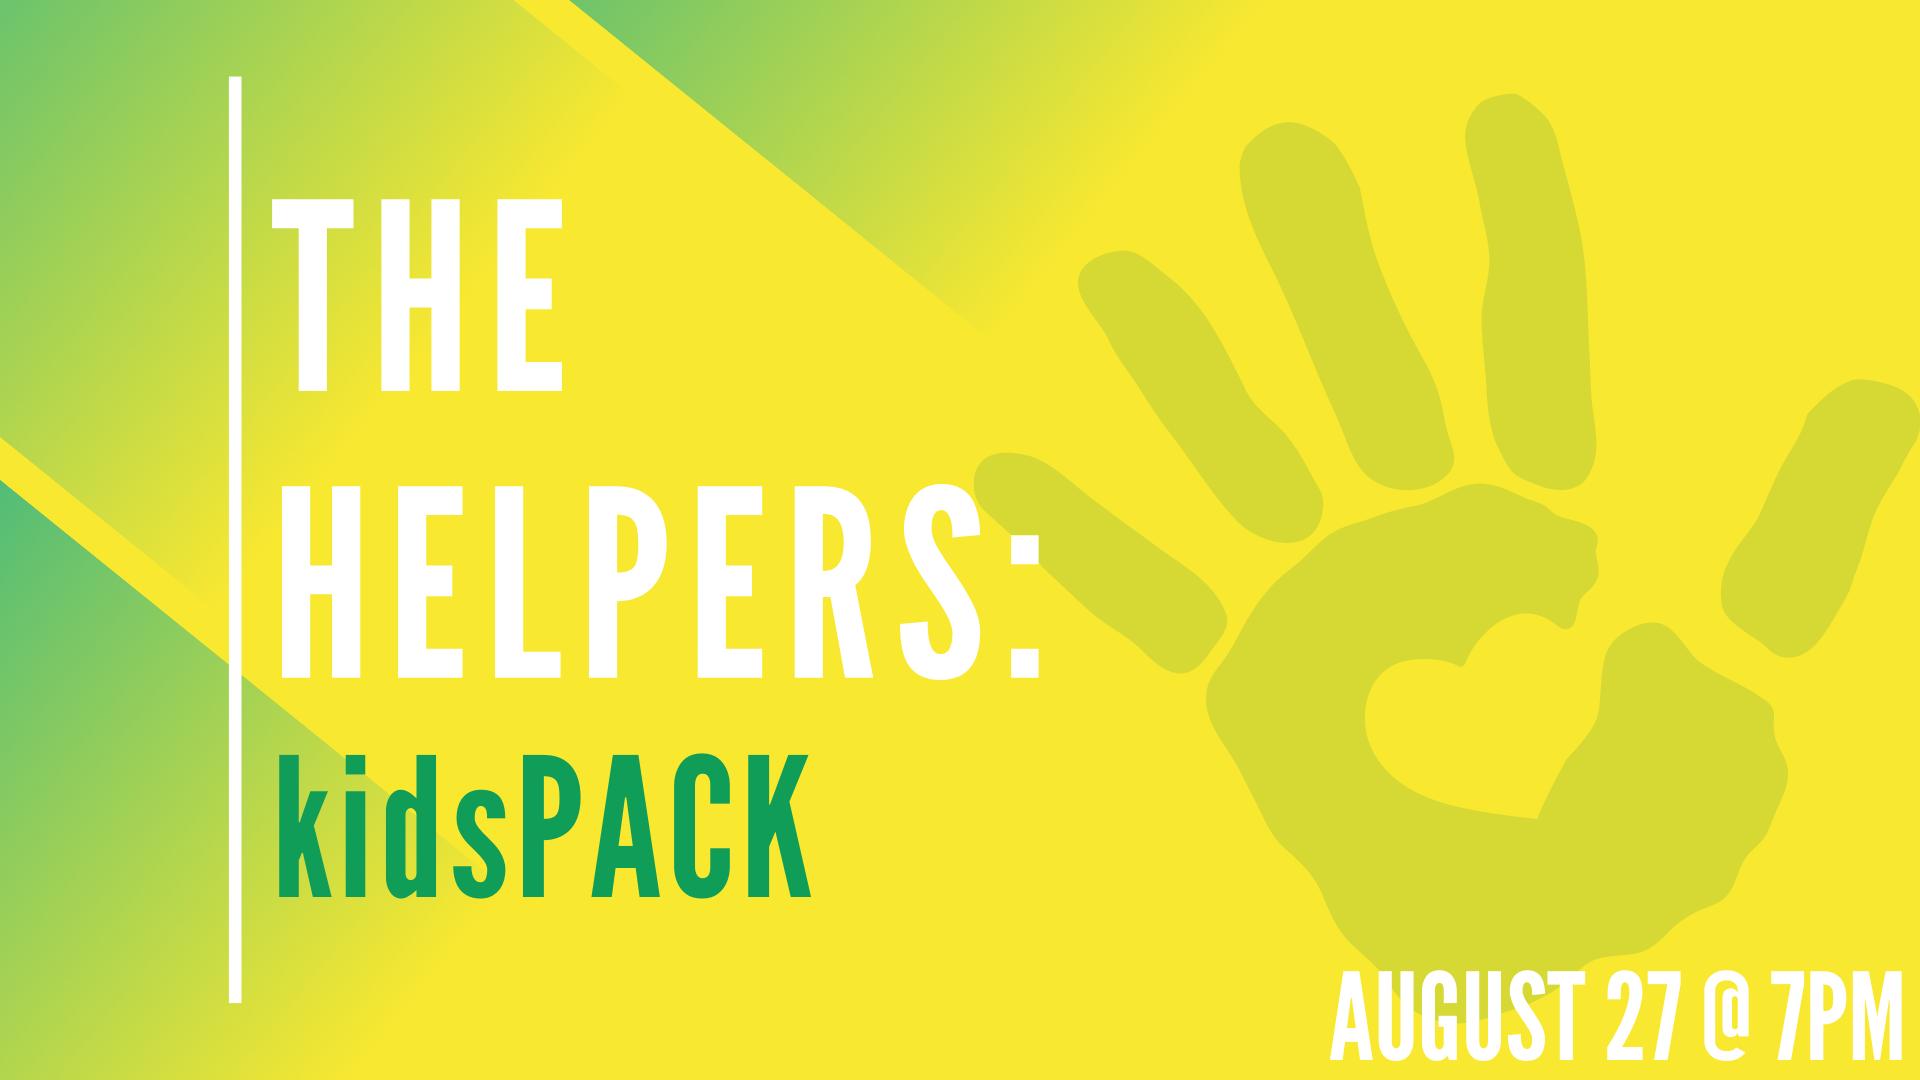 The Helpers: kidsPACK